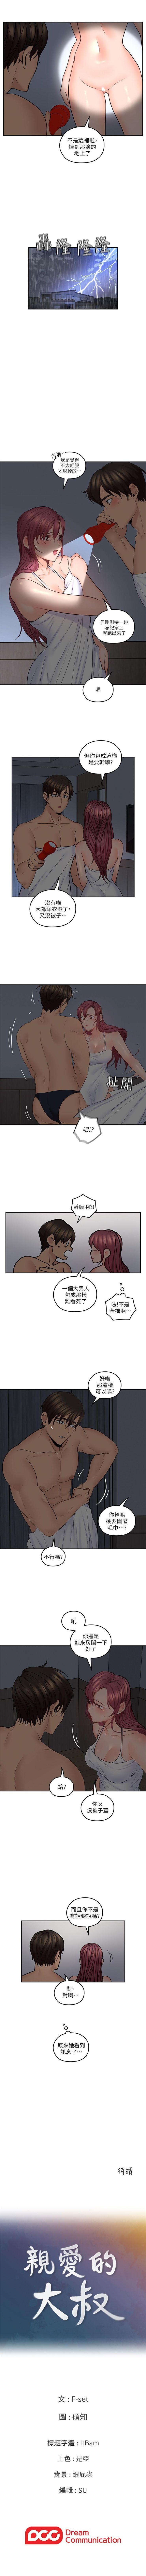 (週4)親愛的大叔 1-33 中文翻譯(更新中) 161